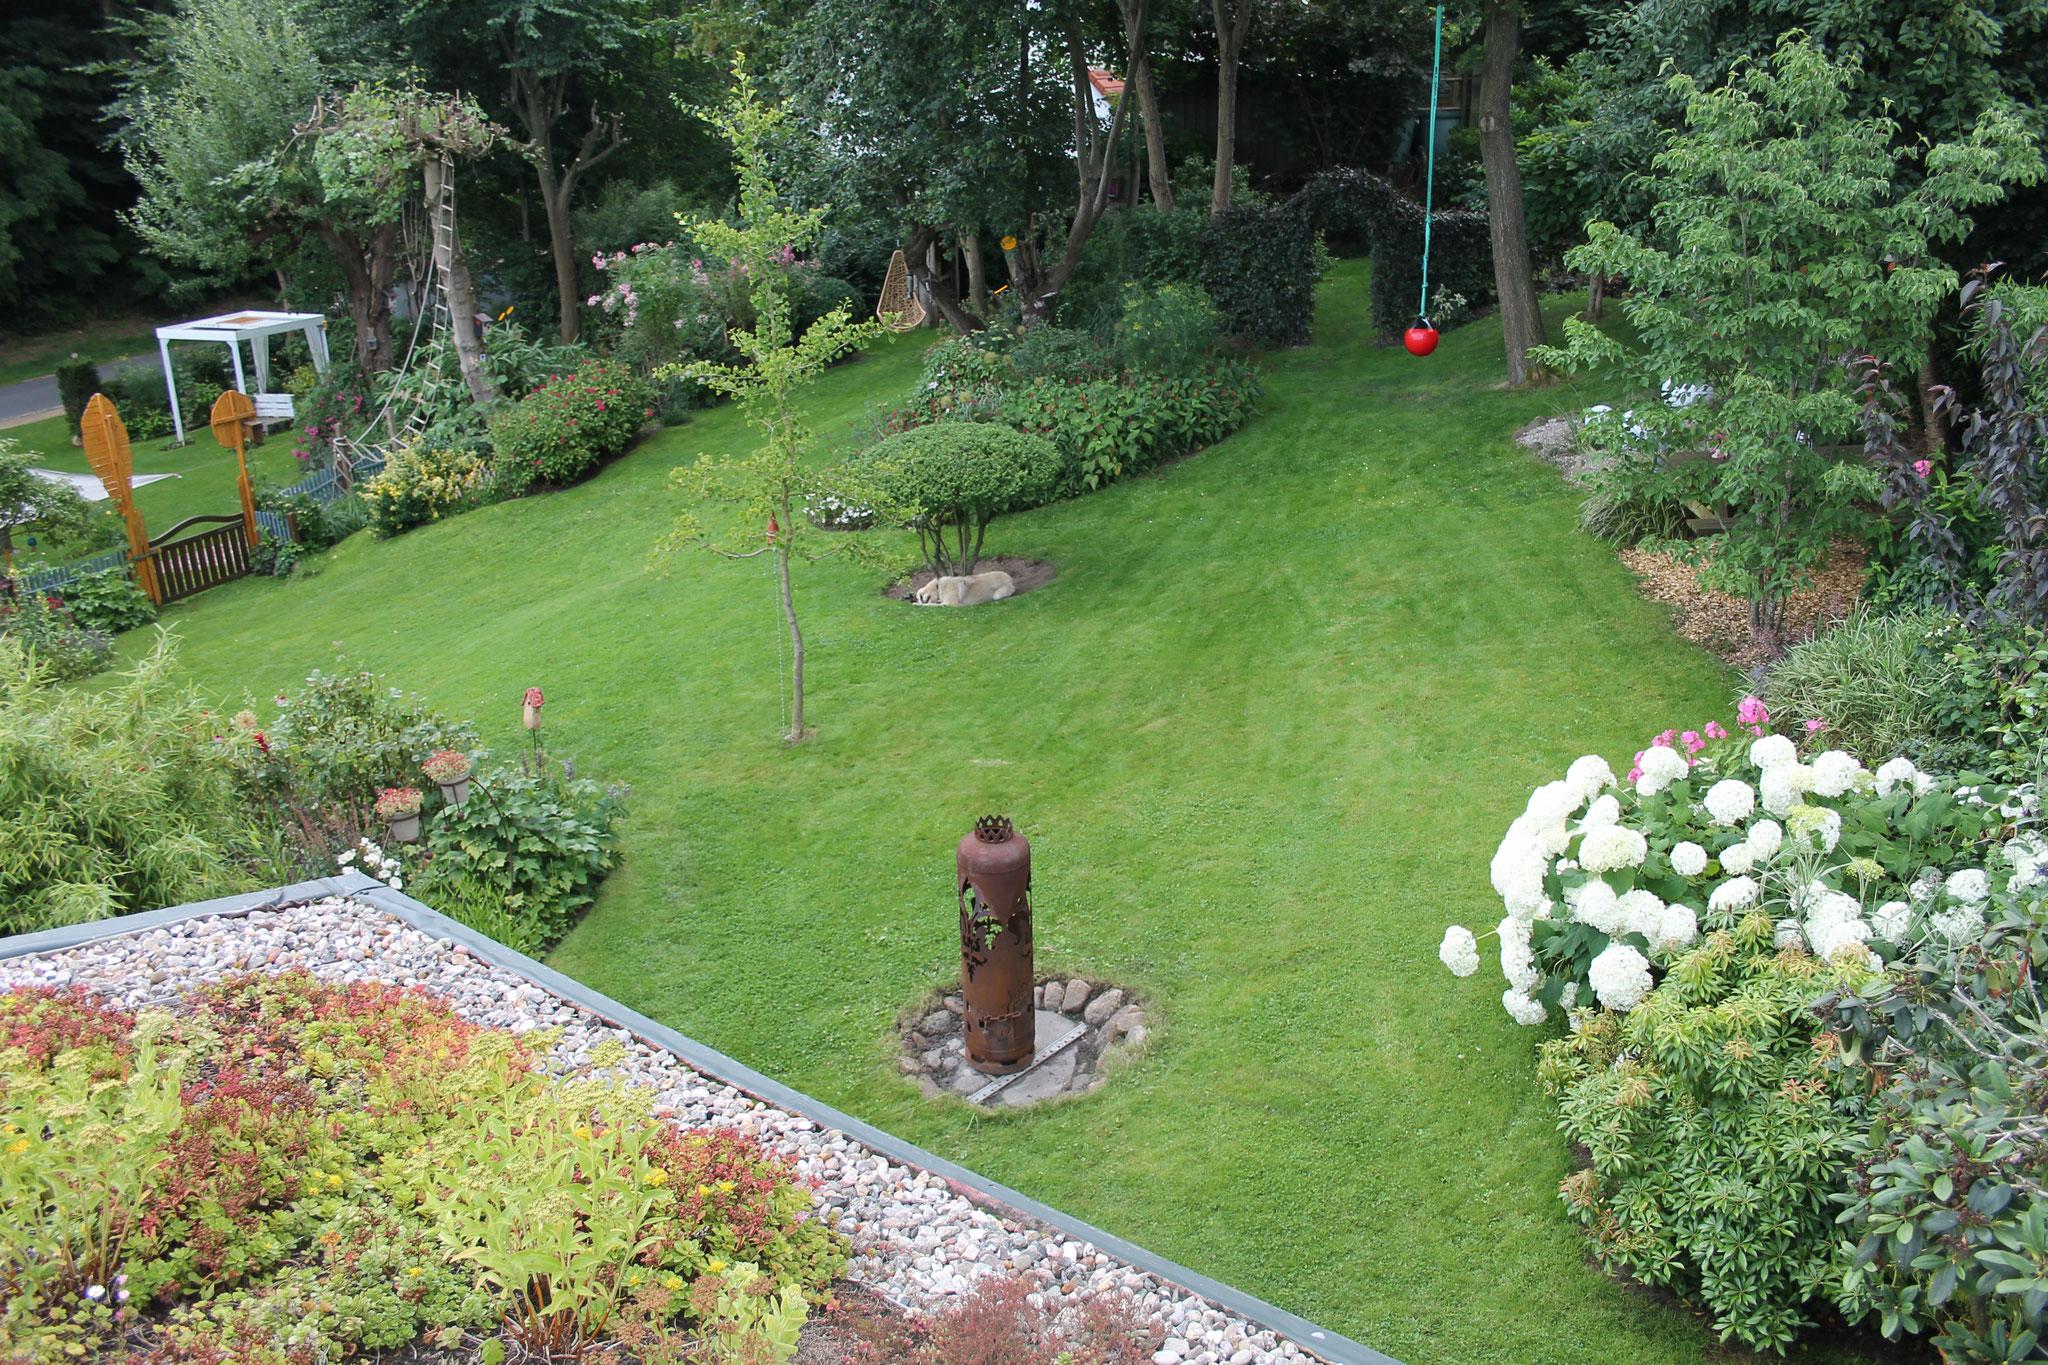 Im Garten fühlen sich Alle wohl und lernen ... nebenbei ...